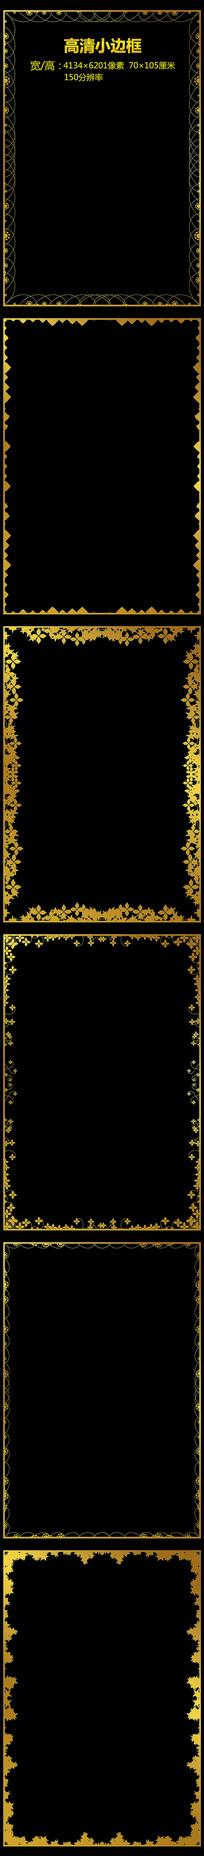 金色高贵欧式边框相框